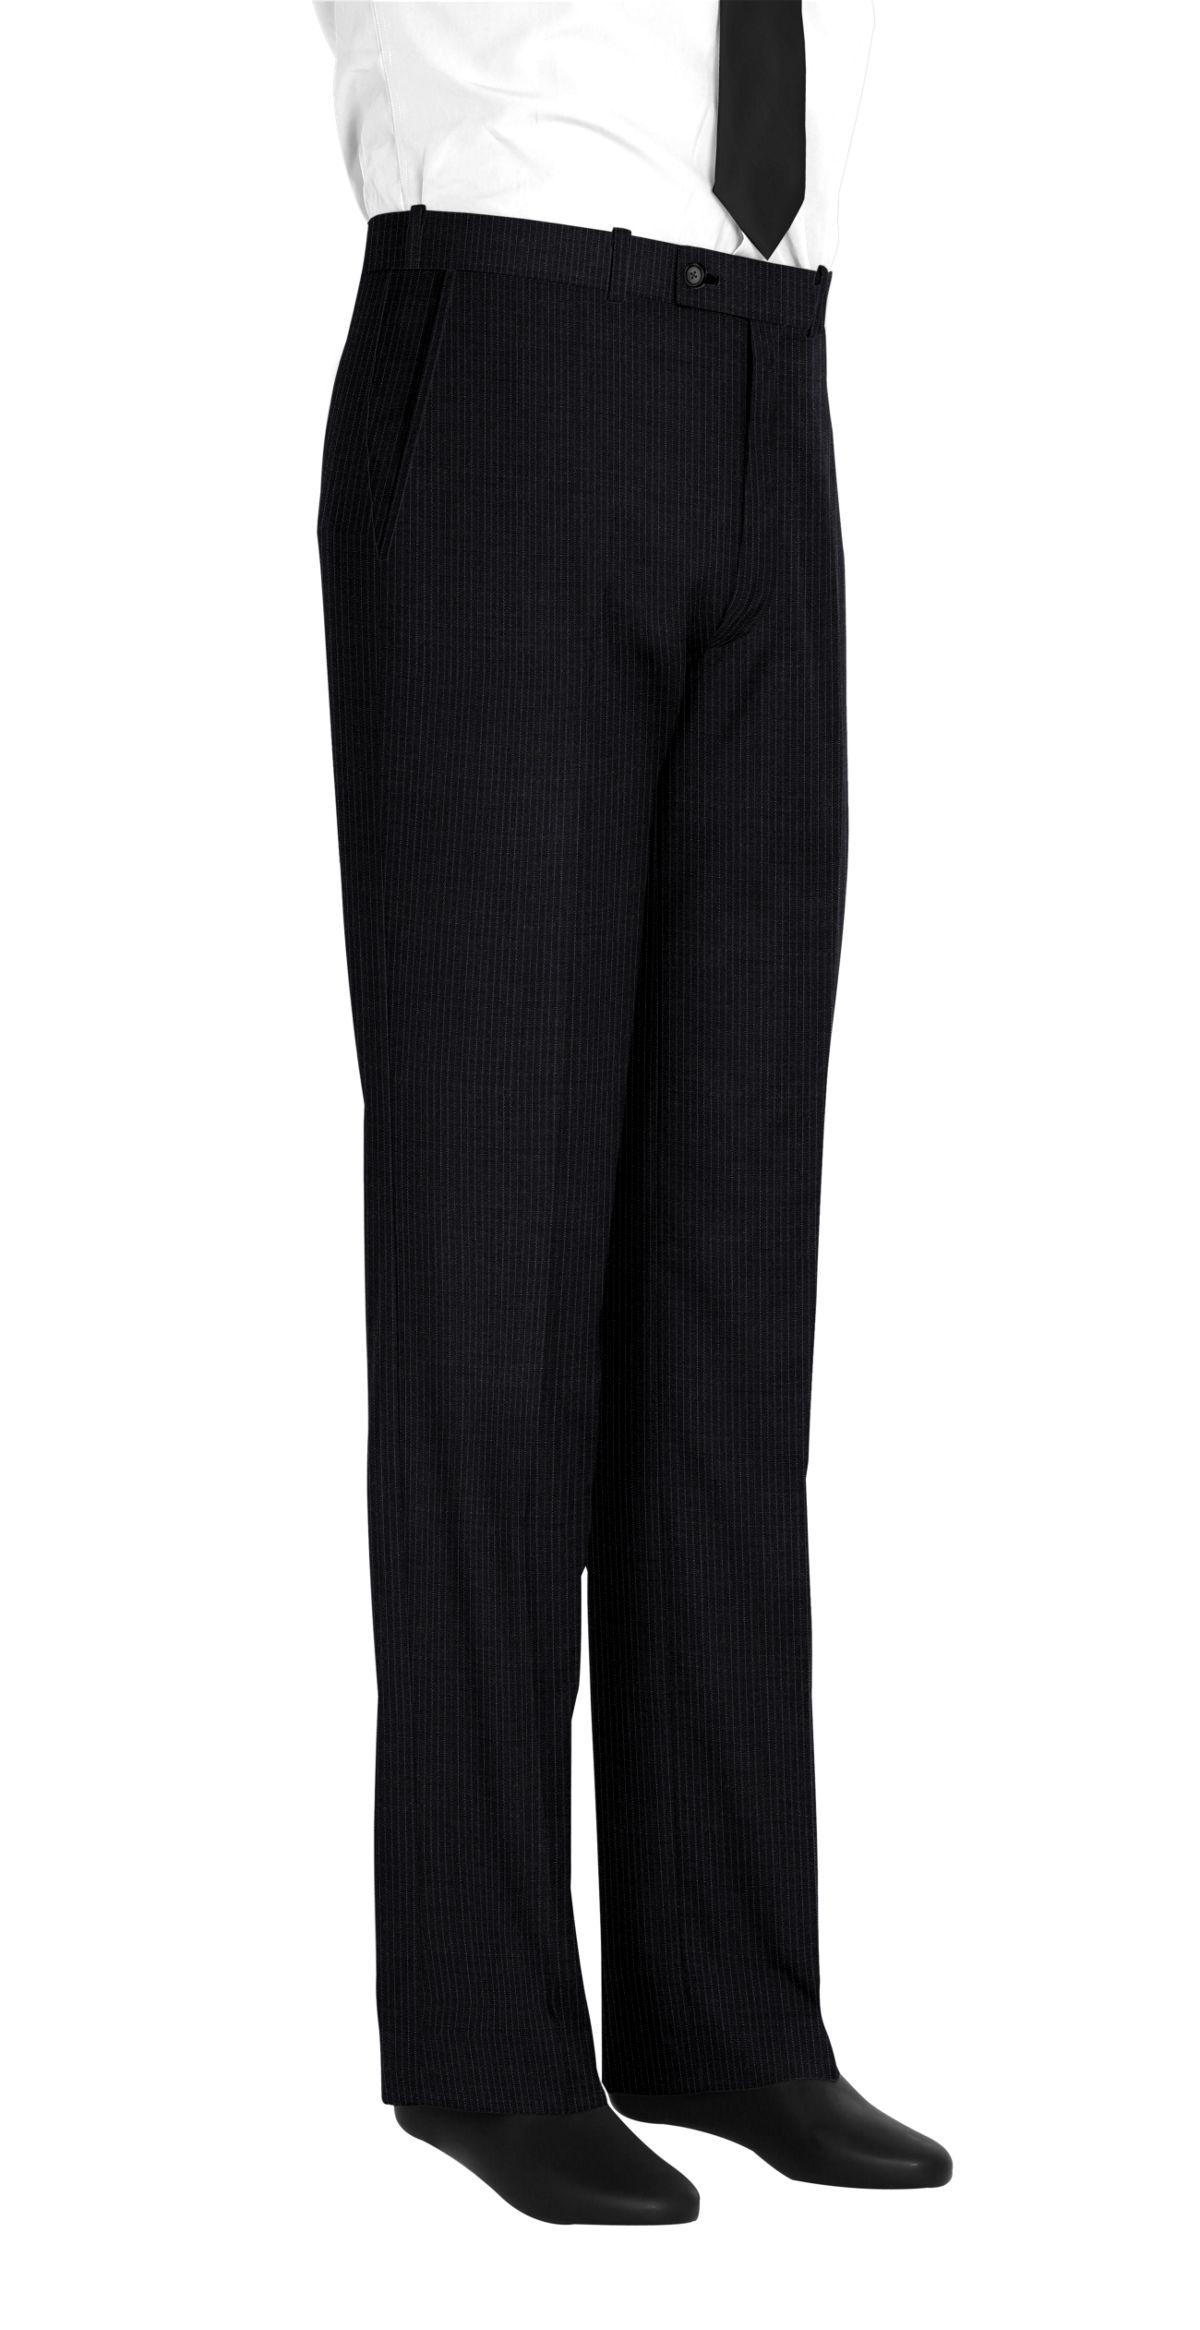 Pantalon homme sur mesure et personnalisé gris anthracite rayé  bas simple sans revers